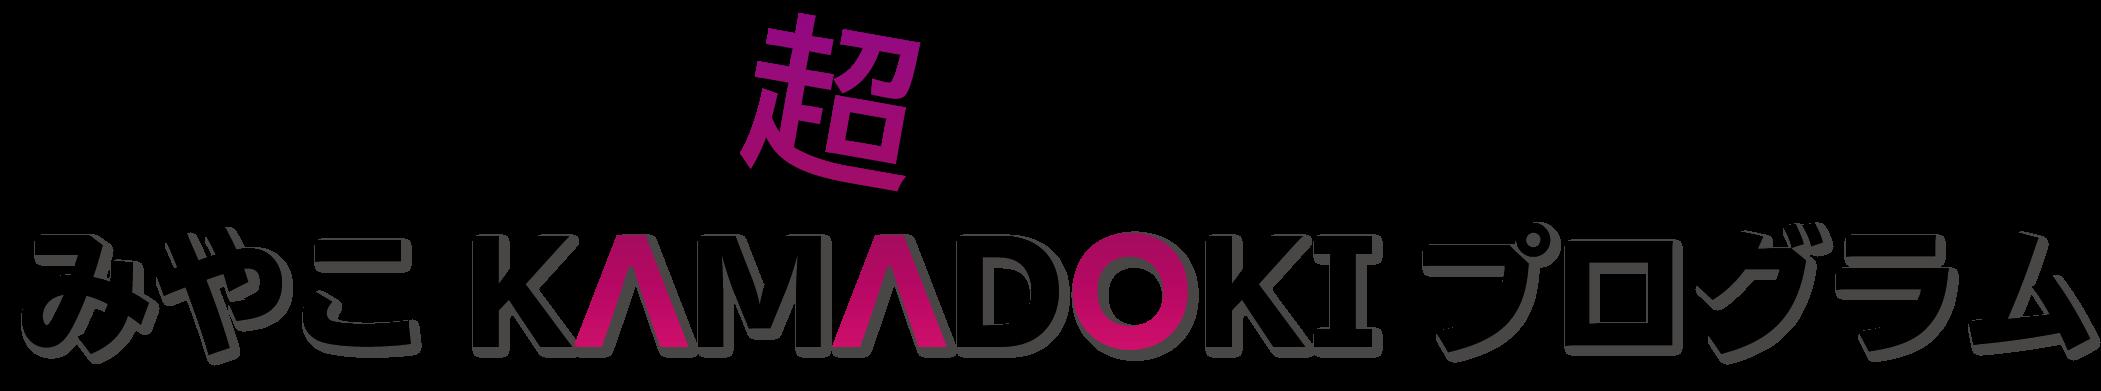 みやこKAMADOKIプログラム